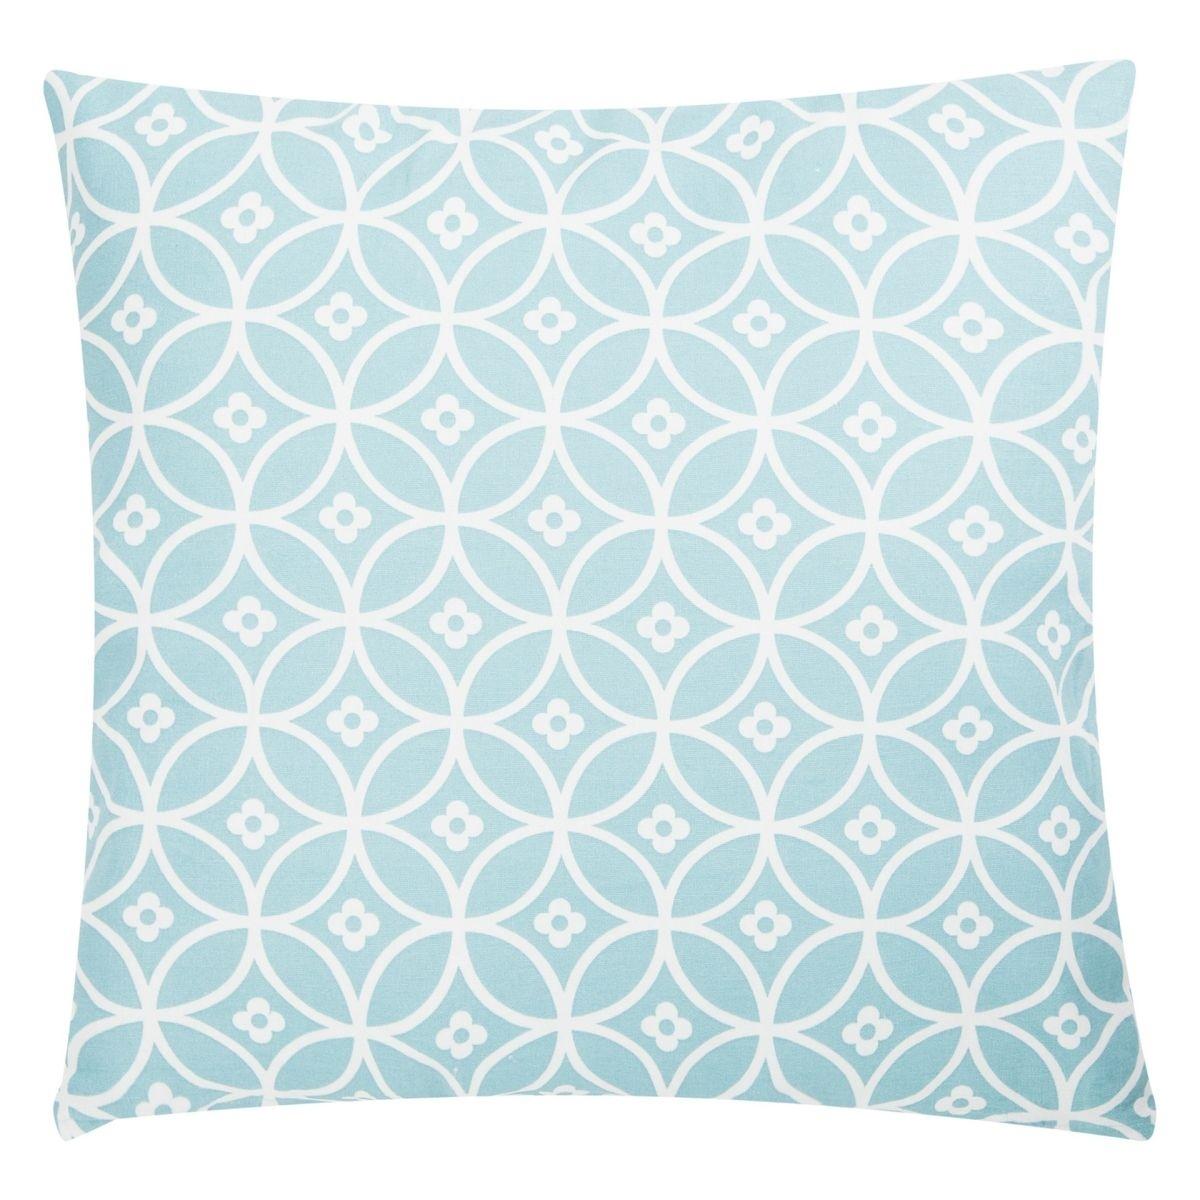 Poduszka z poszewką Crossed Circles niebieska 45x45 cm